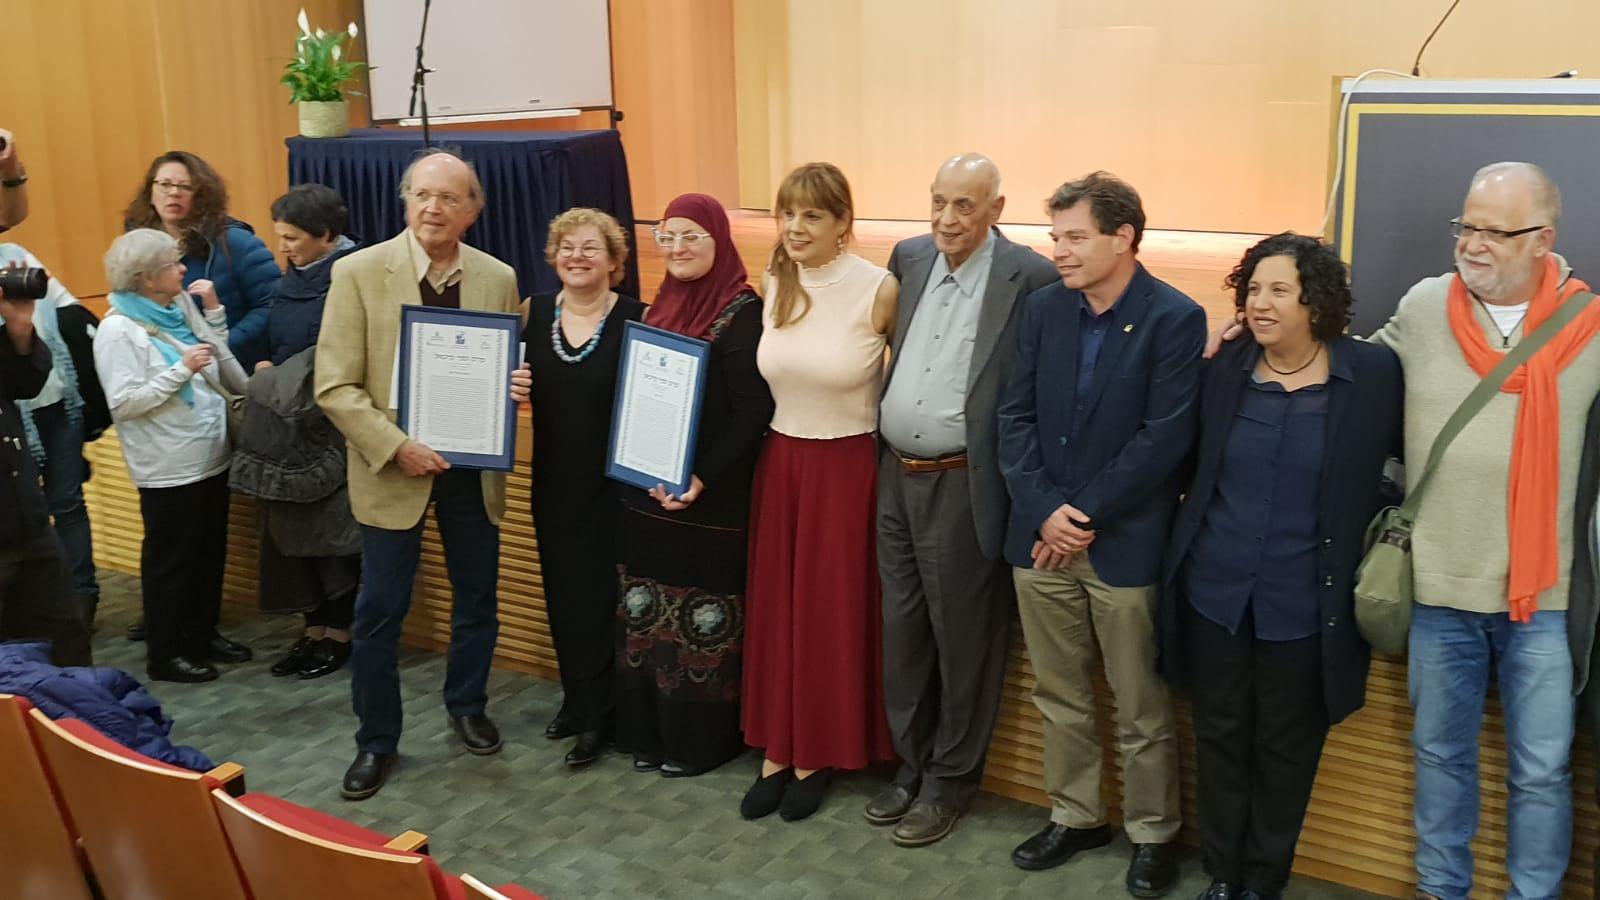 גדיר האני עם הסופר סמי מיכאל ומקבלי הפרס לשנת 2018